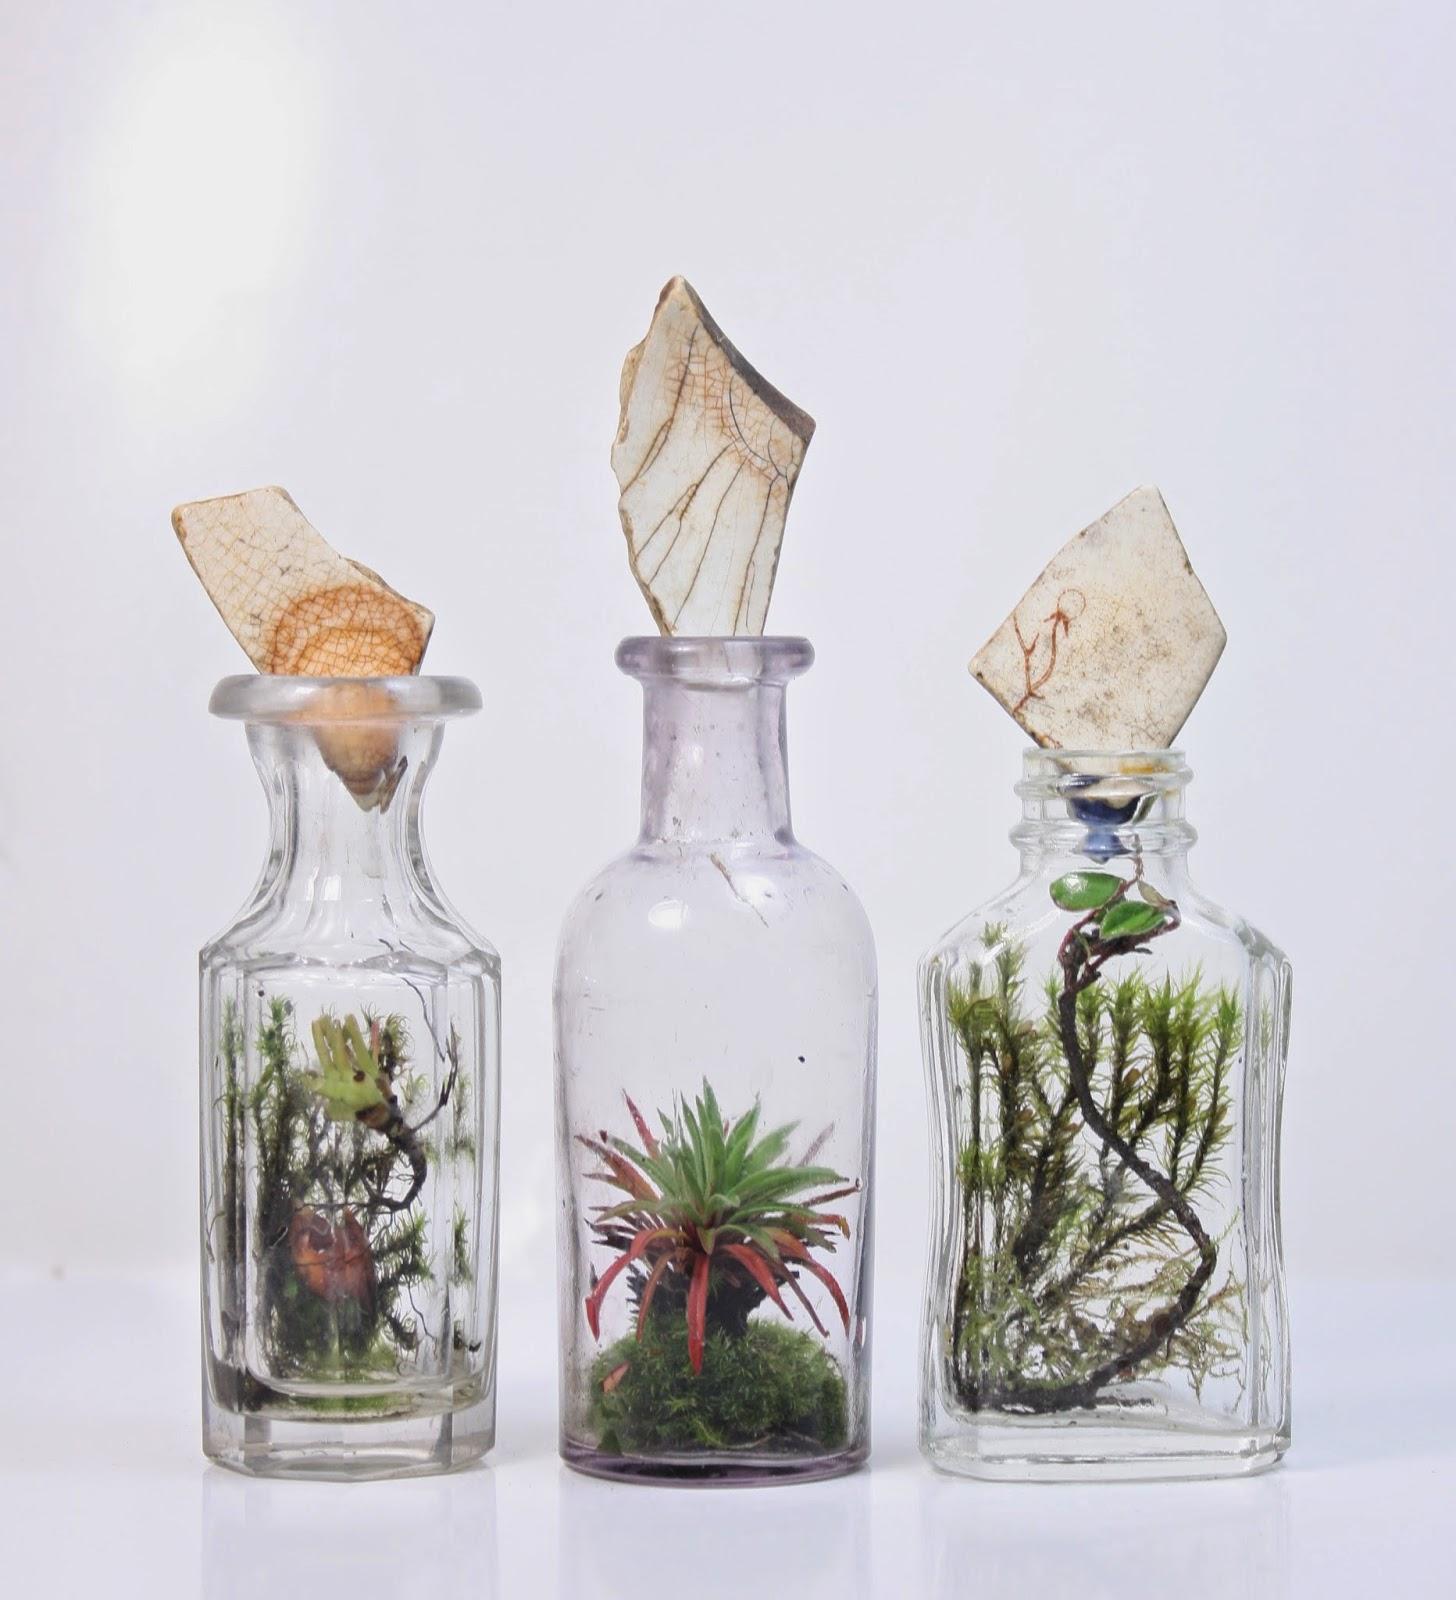 terrarium-sise-dekor-botanik